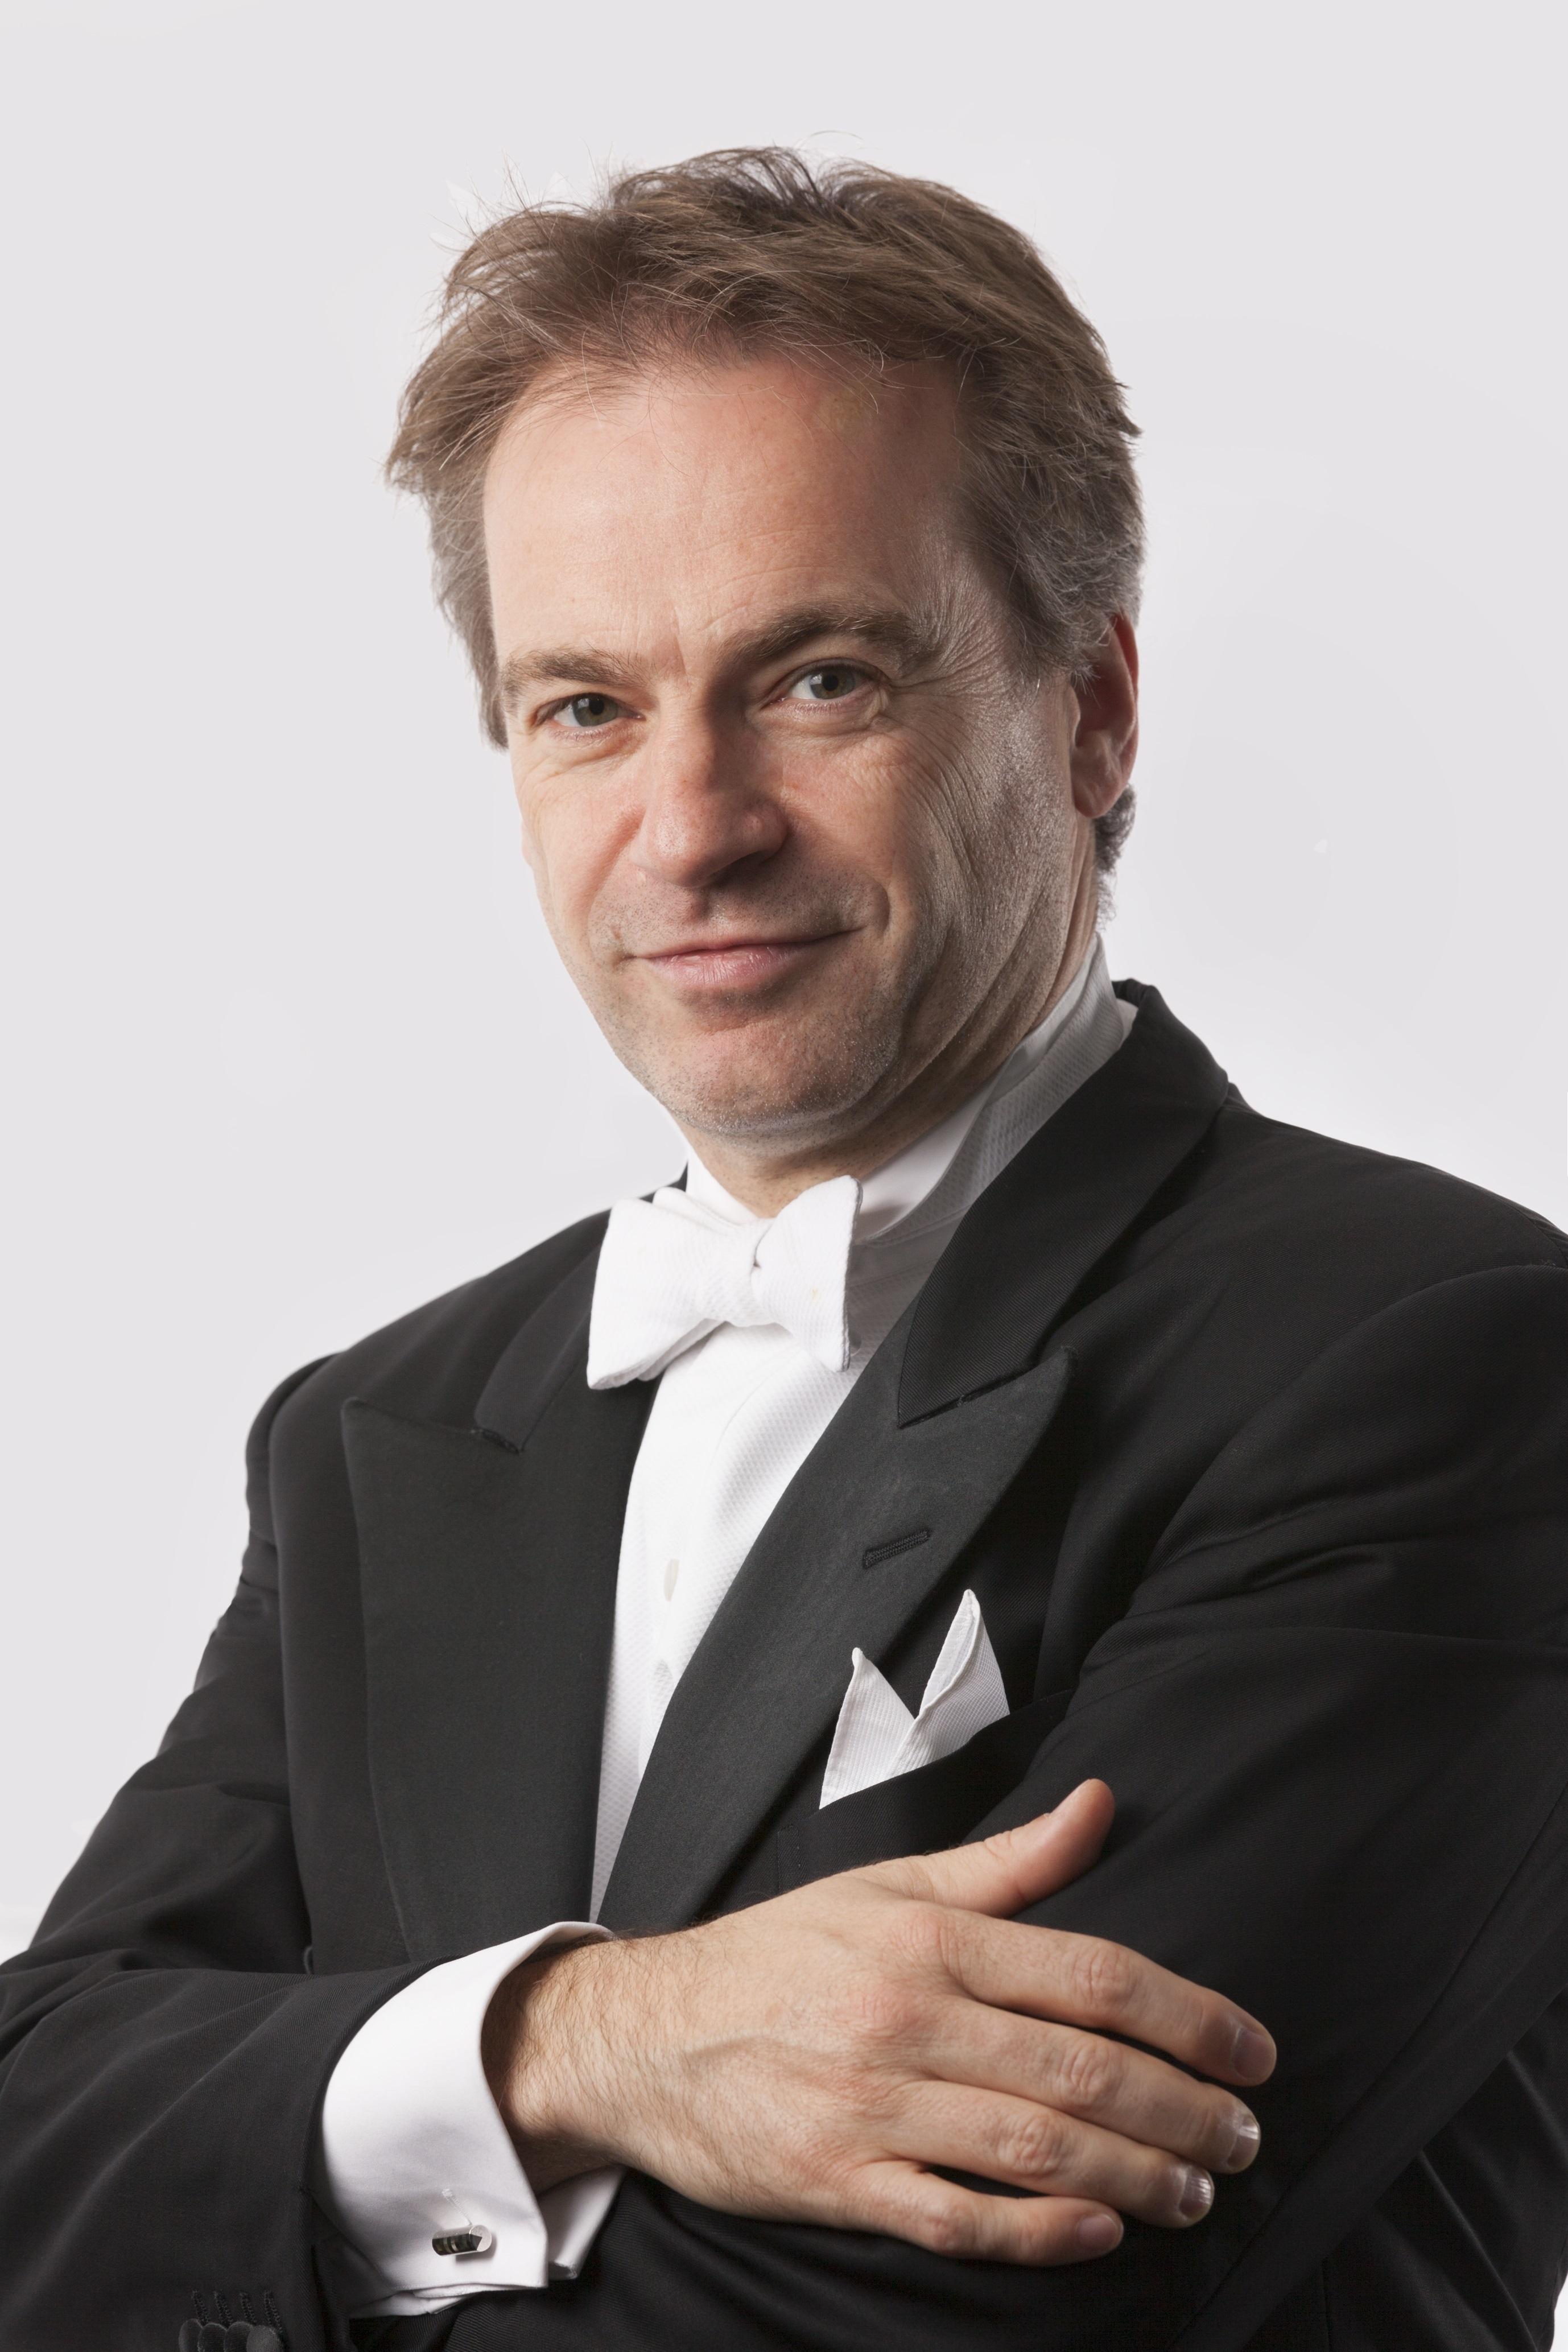 ブルックナーの名演でさらに評価の高まったジョナサン・ノット率いる東京交響楽団 (c)K.Miura